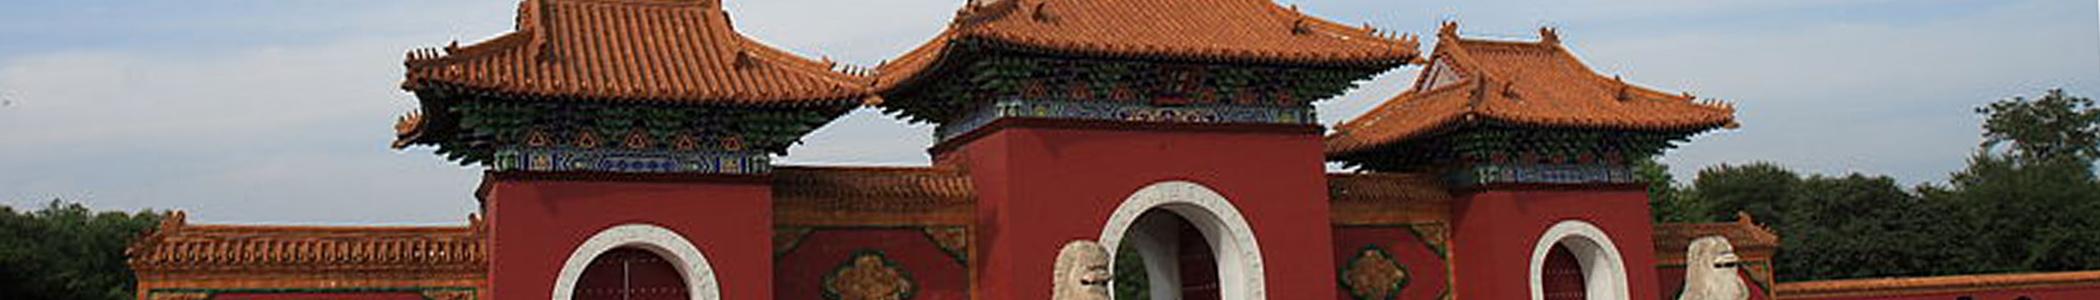 shenyang travel guide at wikivoyage rh en wikivoyage org